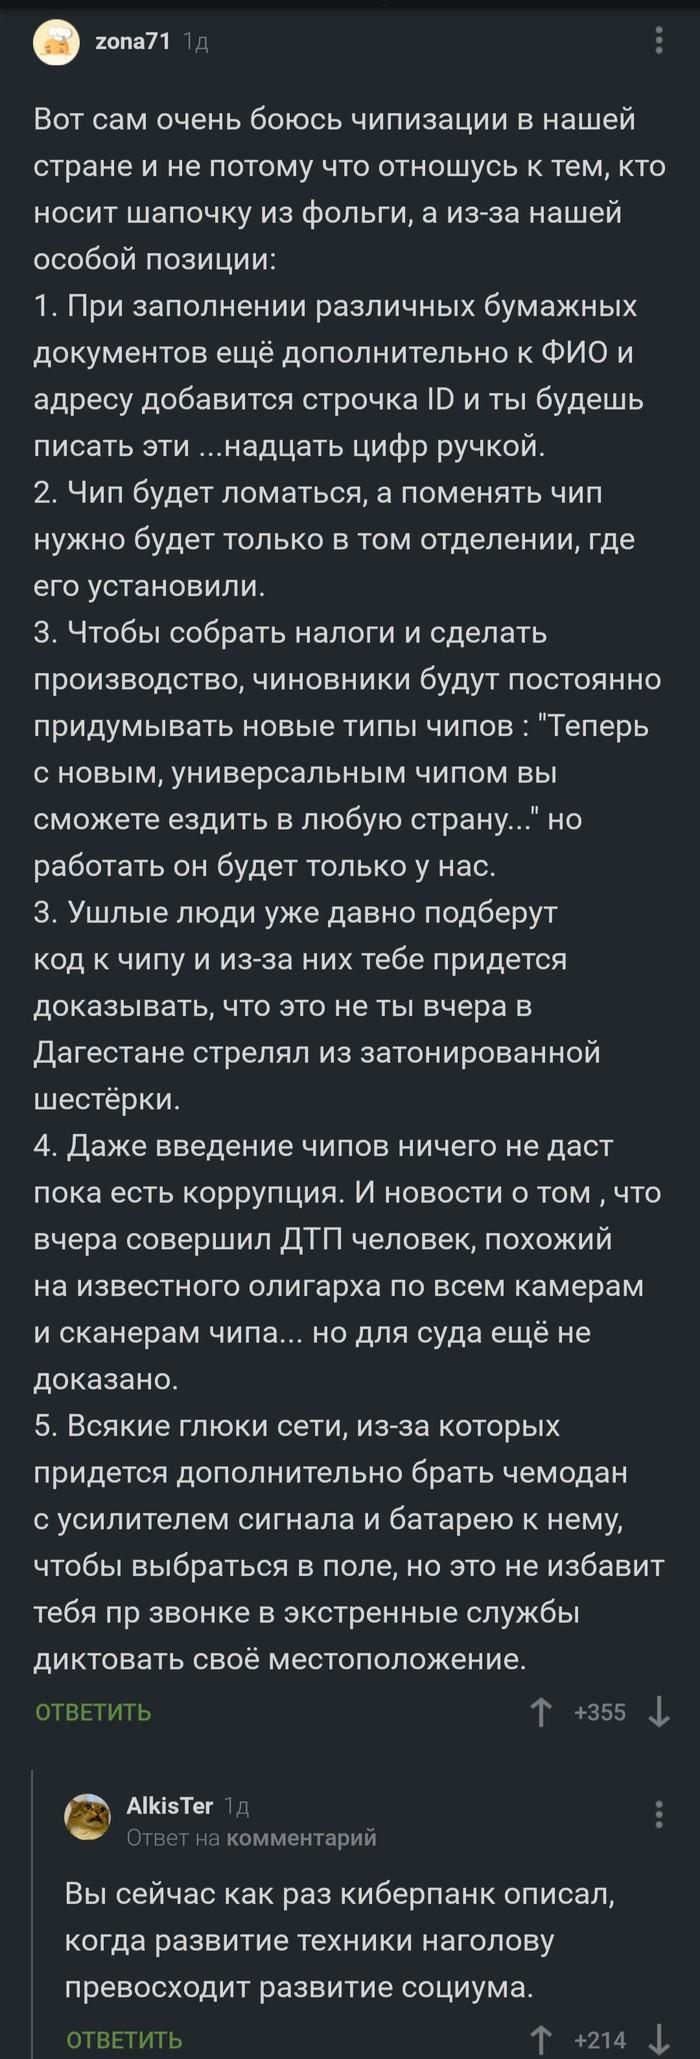 Чипизация или русский киберпанк